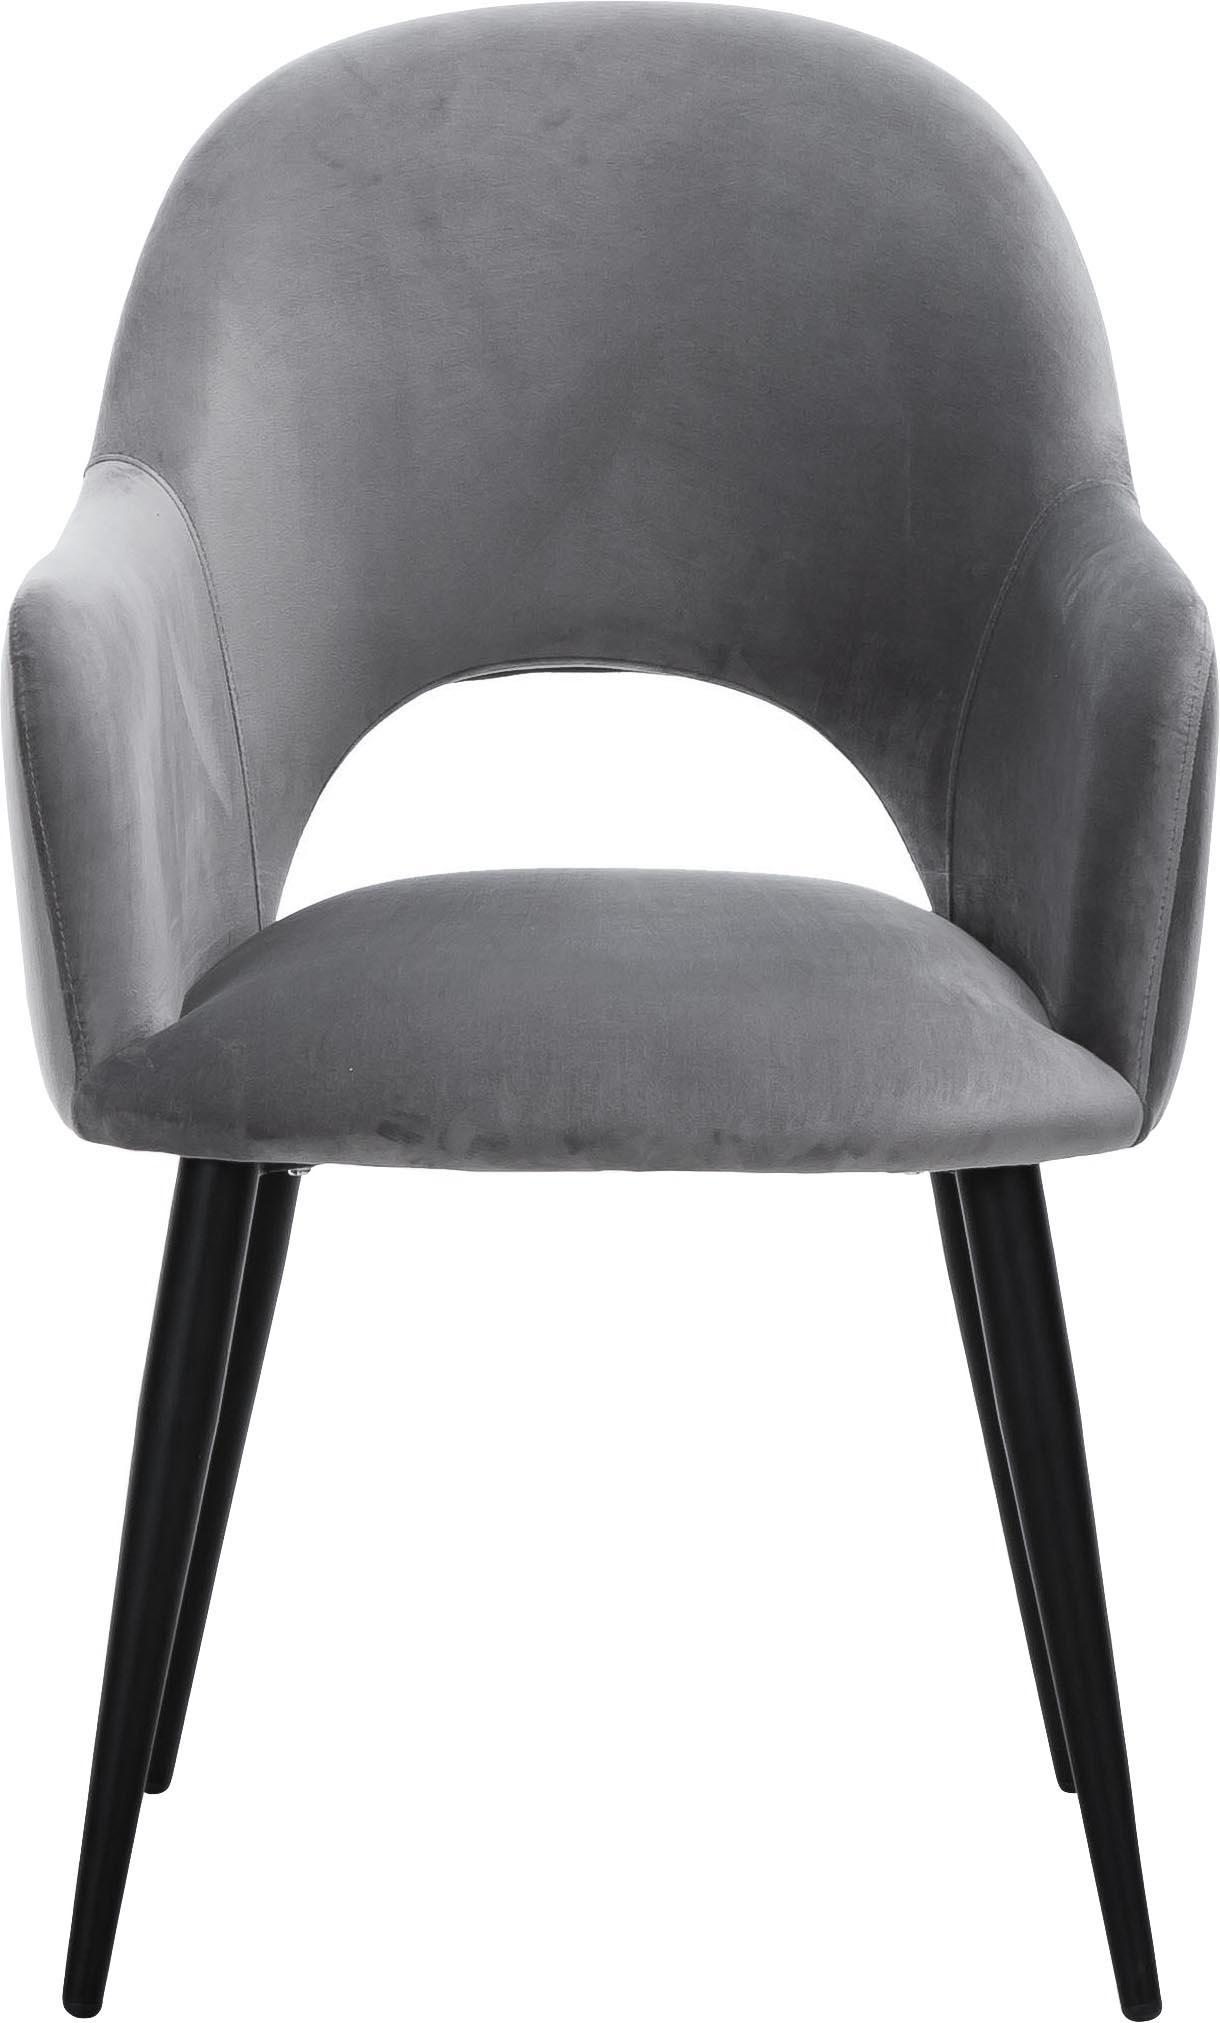 Samt-Armlehnstuhl Rachel, Bezug: Samt (Polyester) Der hoch, Beine: Metall, pulverbeschichtet, Samt Stahlgrau Beine Schwarz, B 47 x T 64 cm